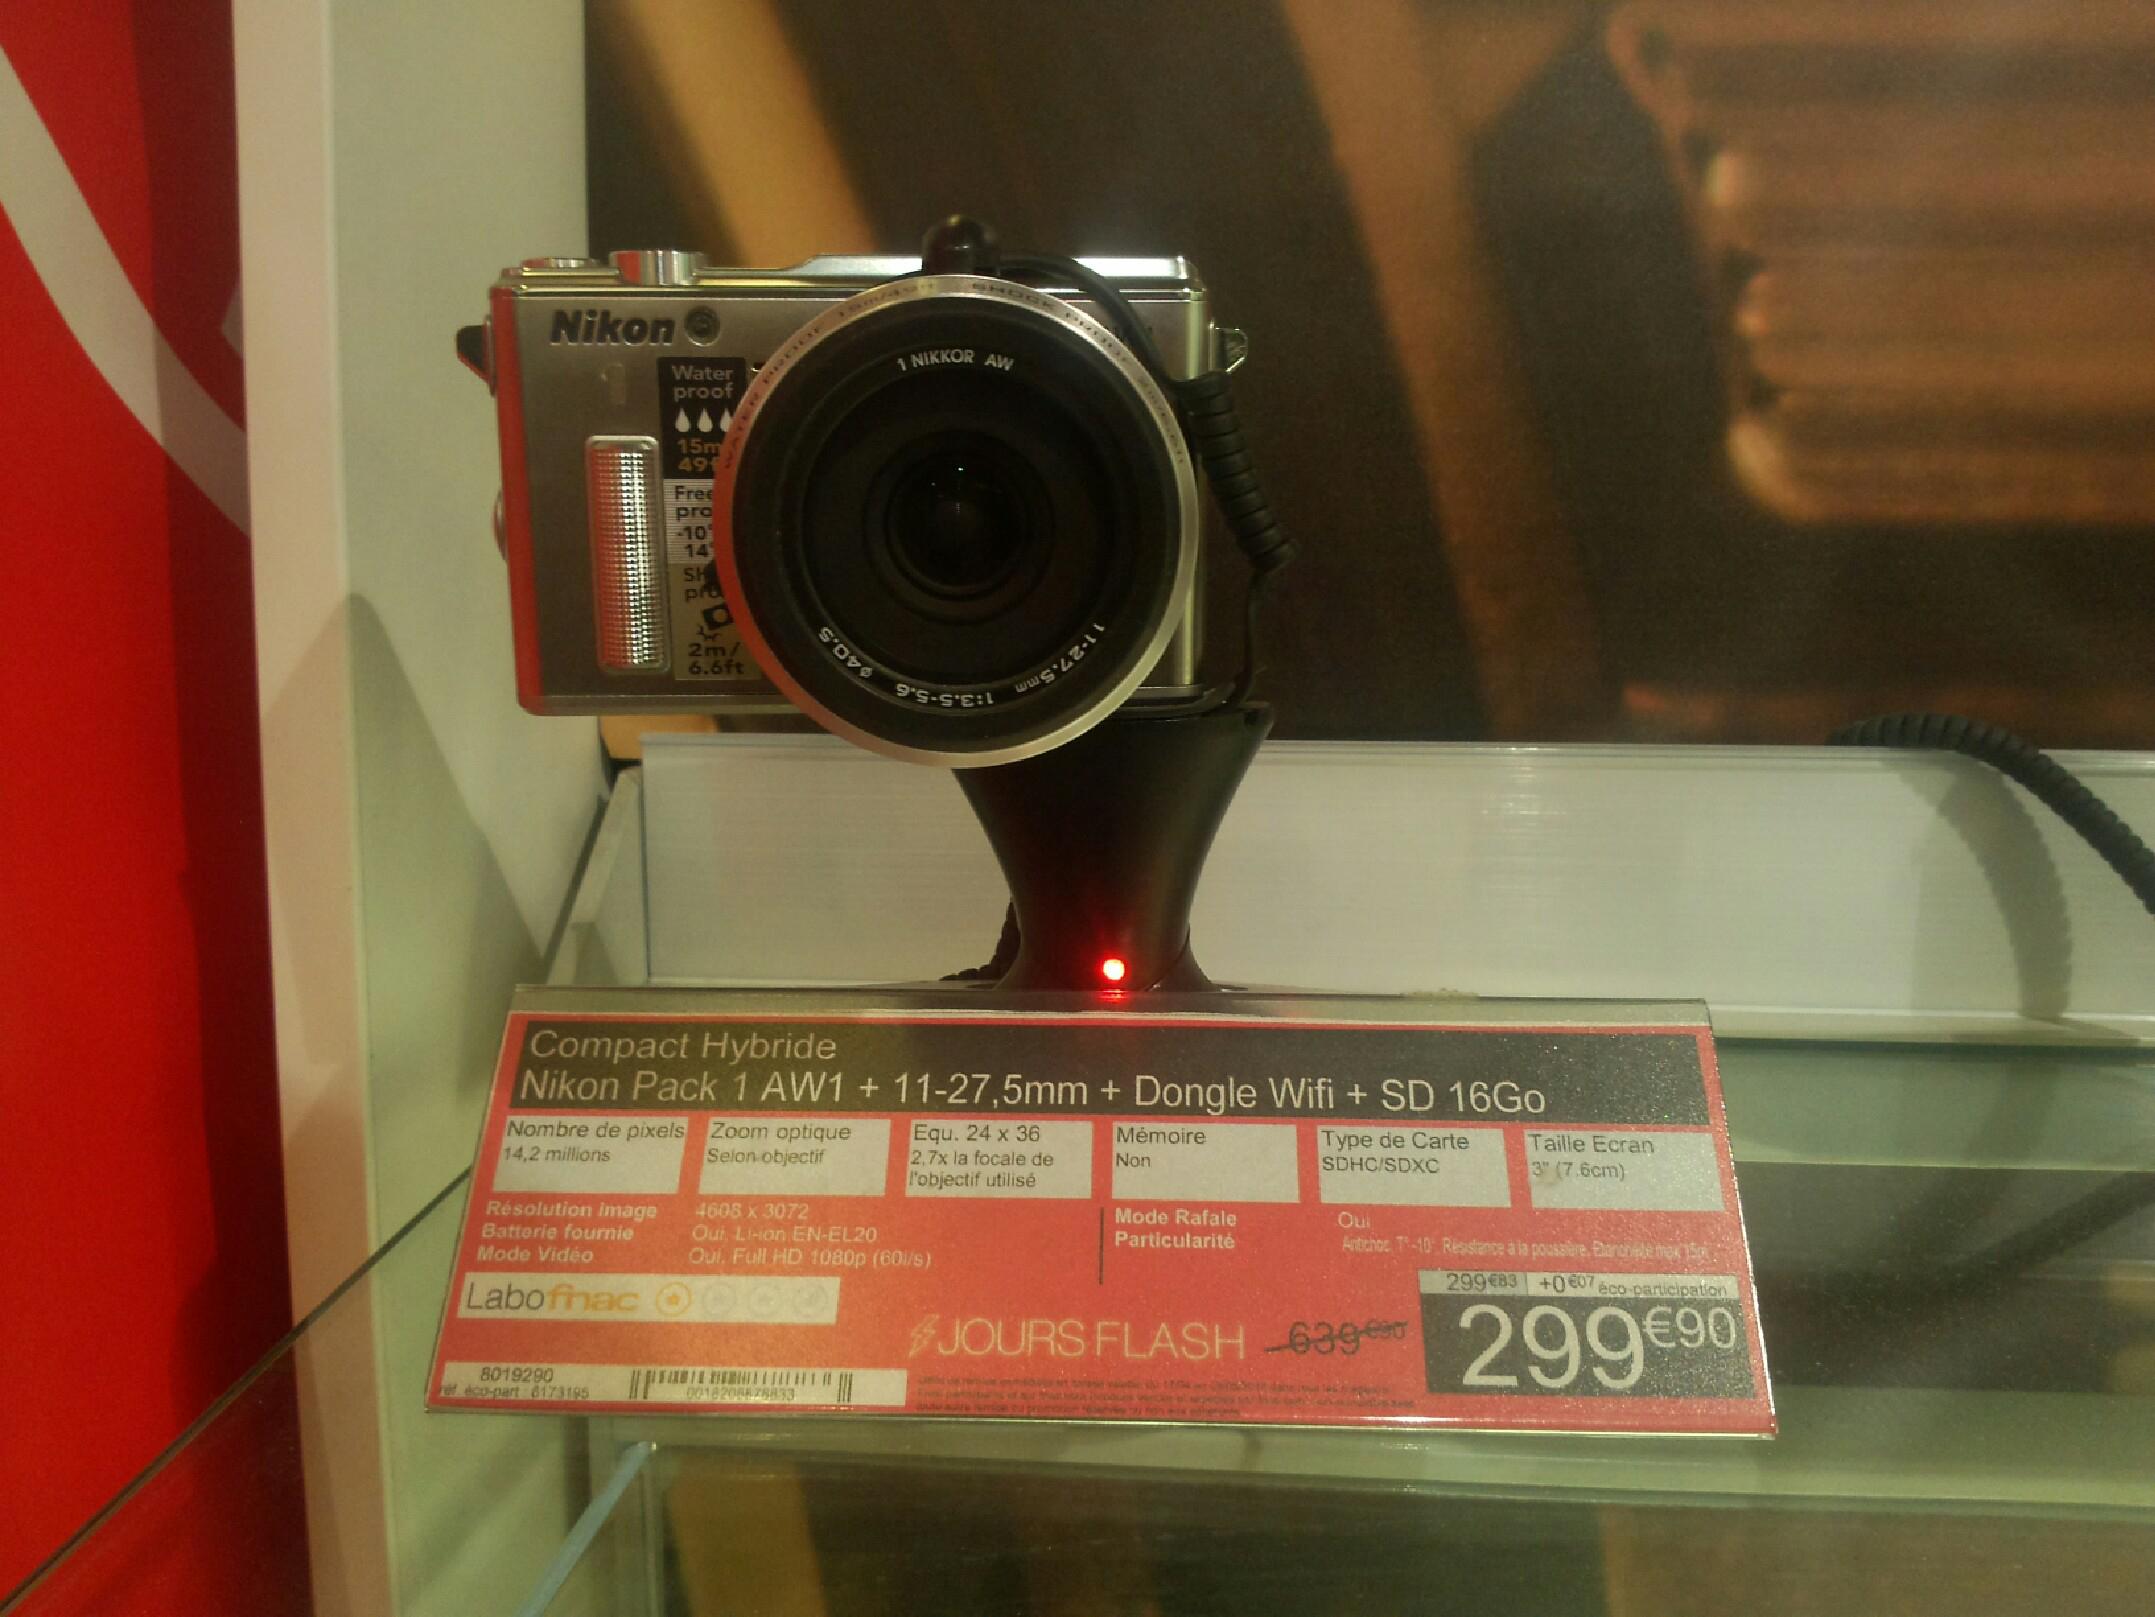 Appareil photo hybride Nikon 1 AW1 + Objectif 11-27.5 mm + Dongle Wifi + SD 16 Go